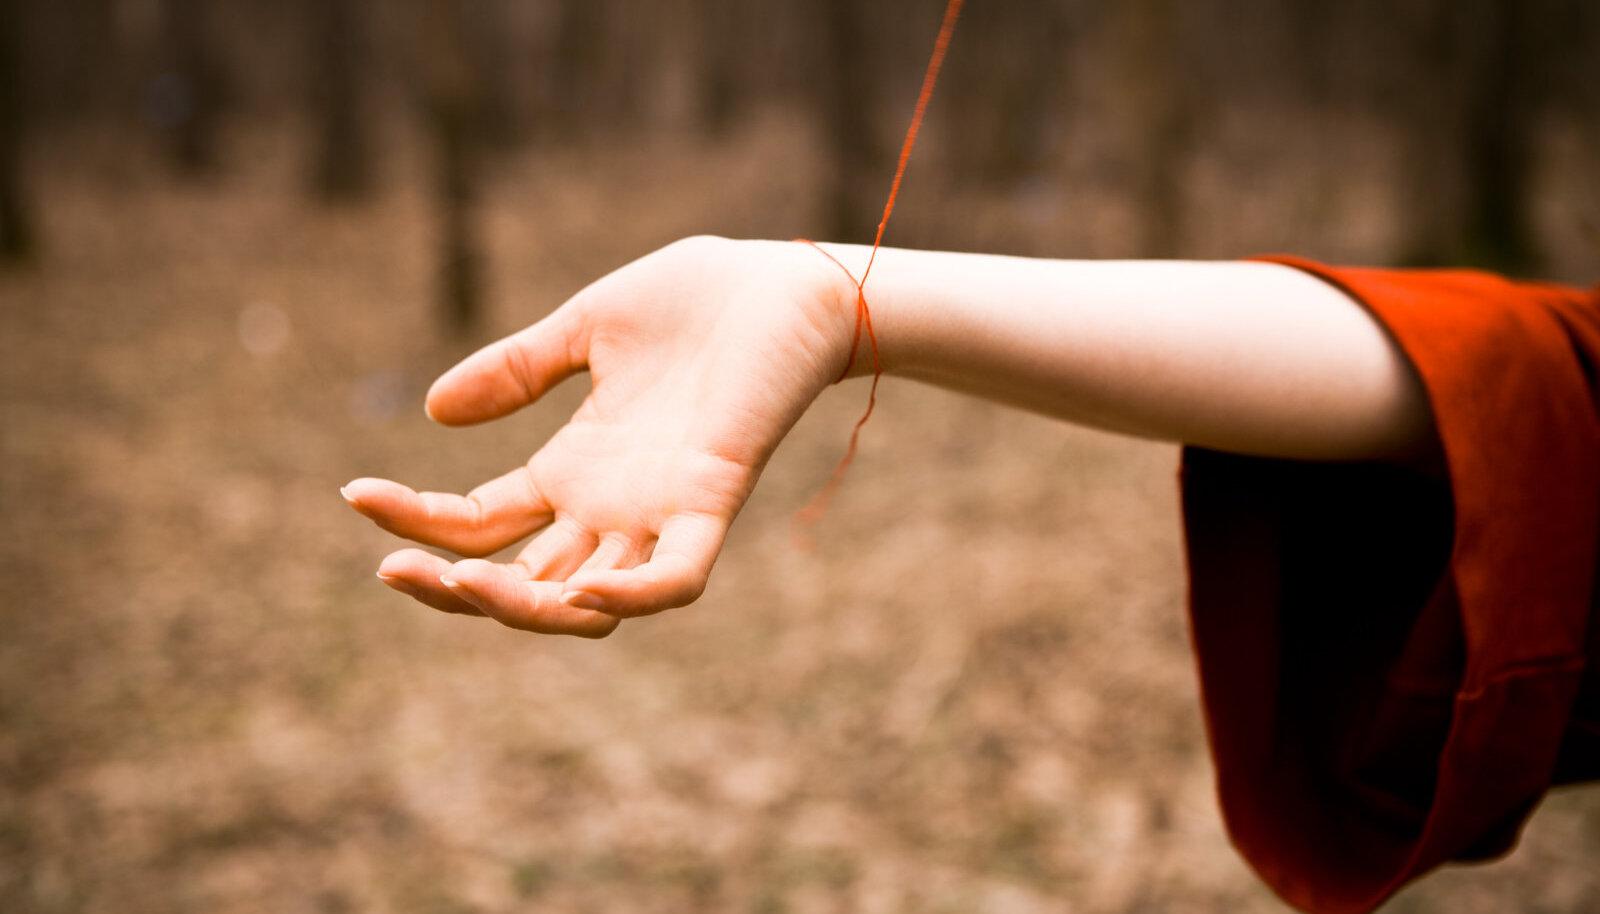 Raske talutöö tegemisel jäid naistel käed tihti randmeist kangeks ja hakkasid valutama, selle ravimiseks tuli randme ümber siduda punane lõng.